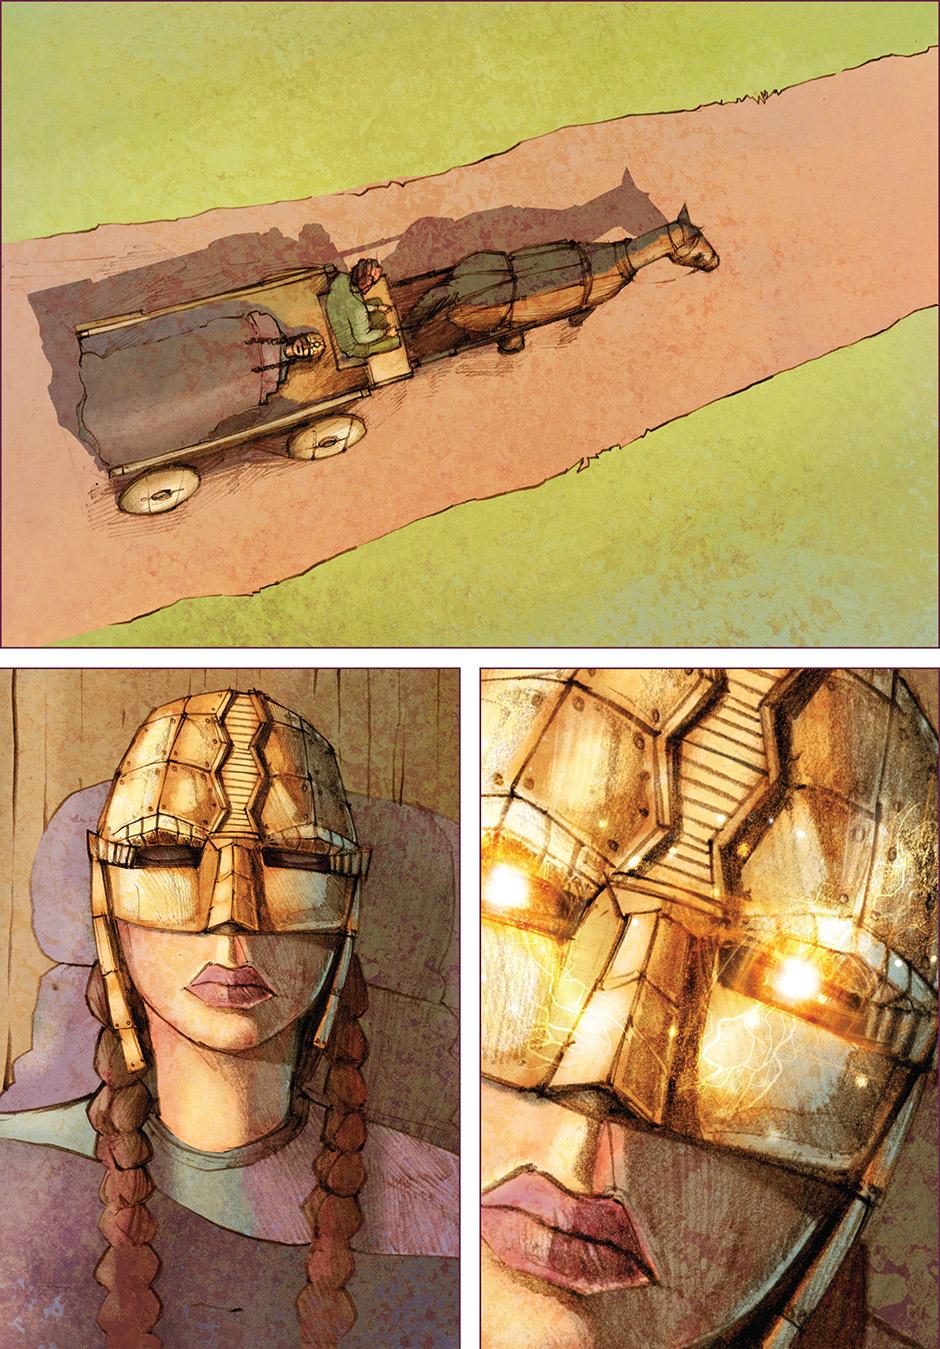 Lian Webcomic - Lian taken away in cart by Wilbur